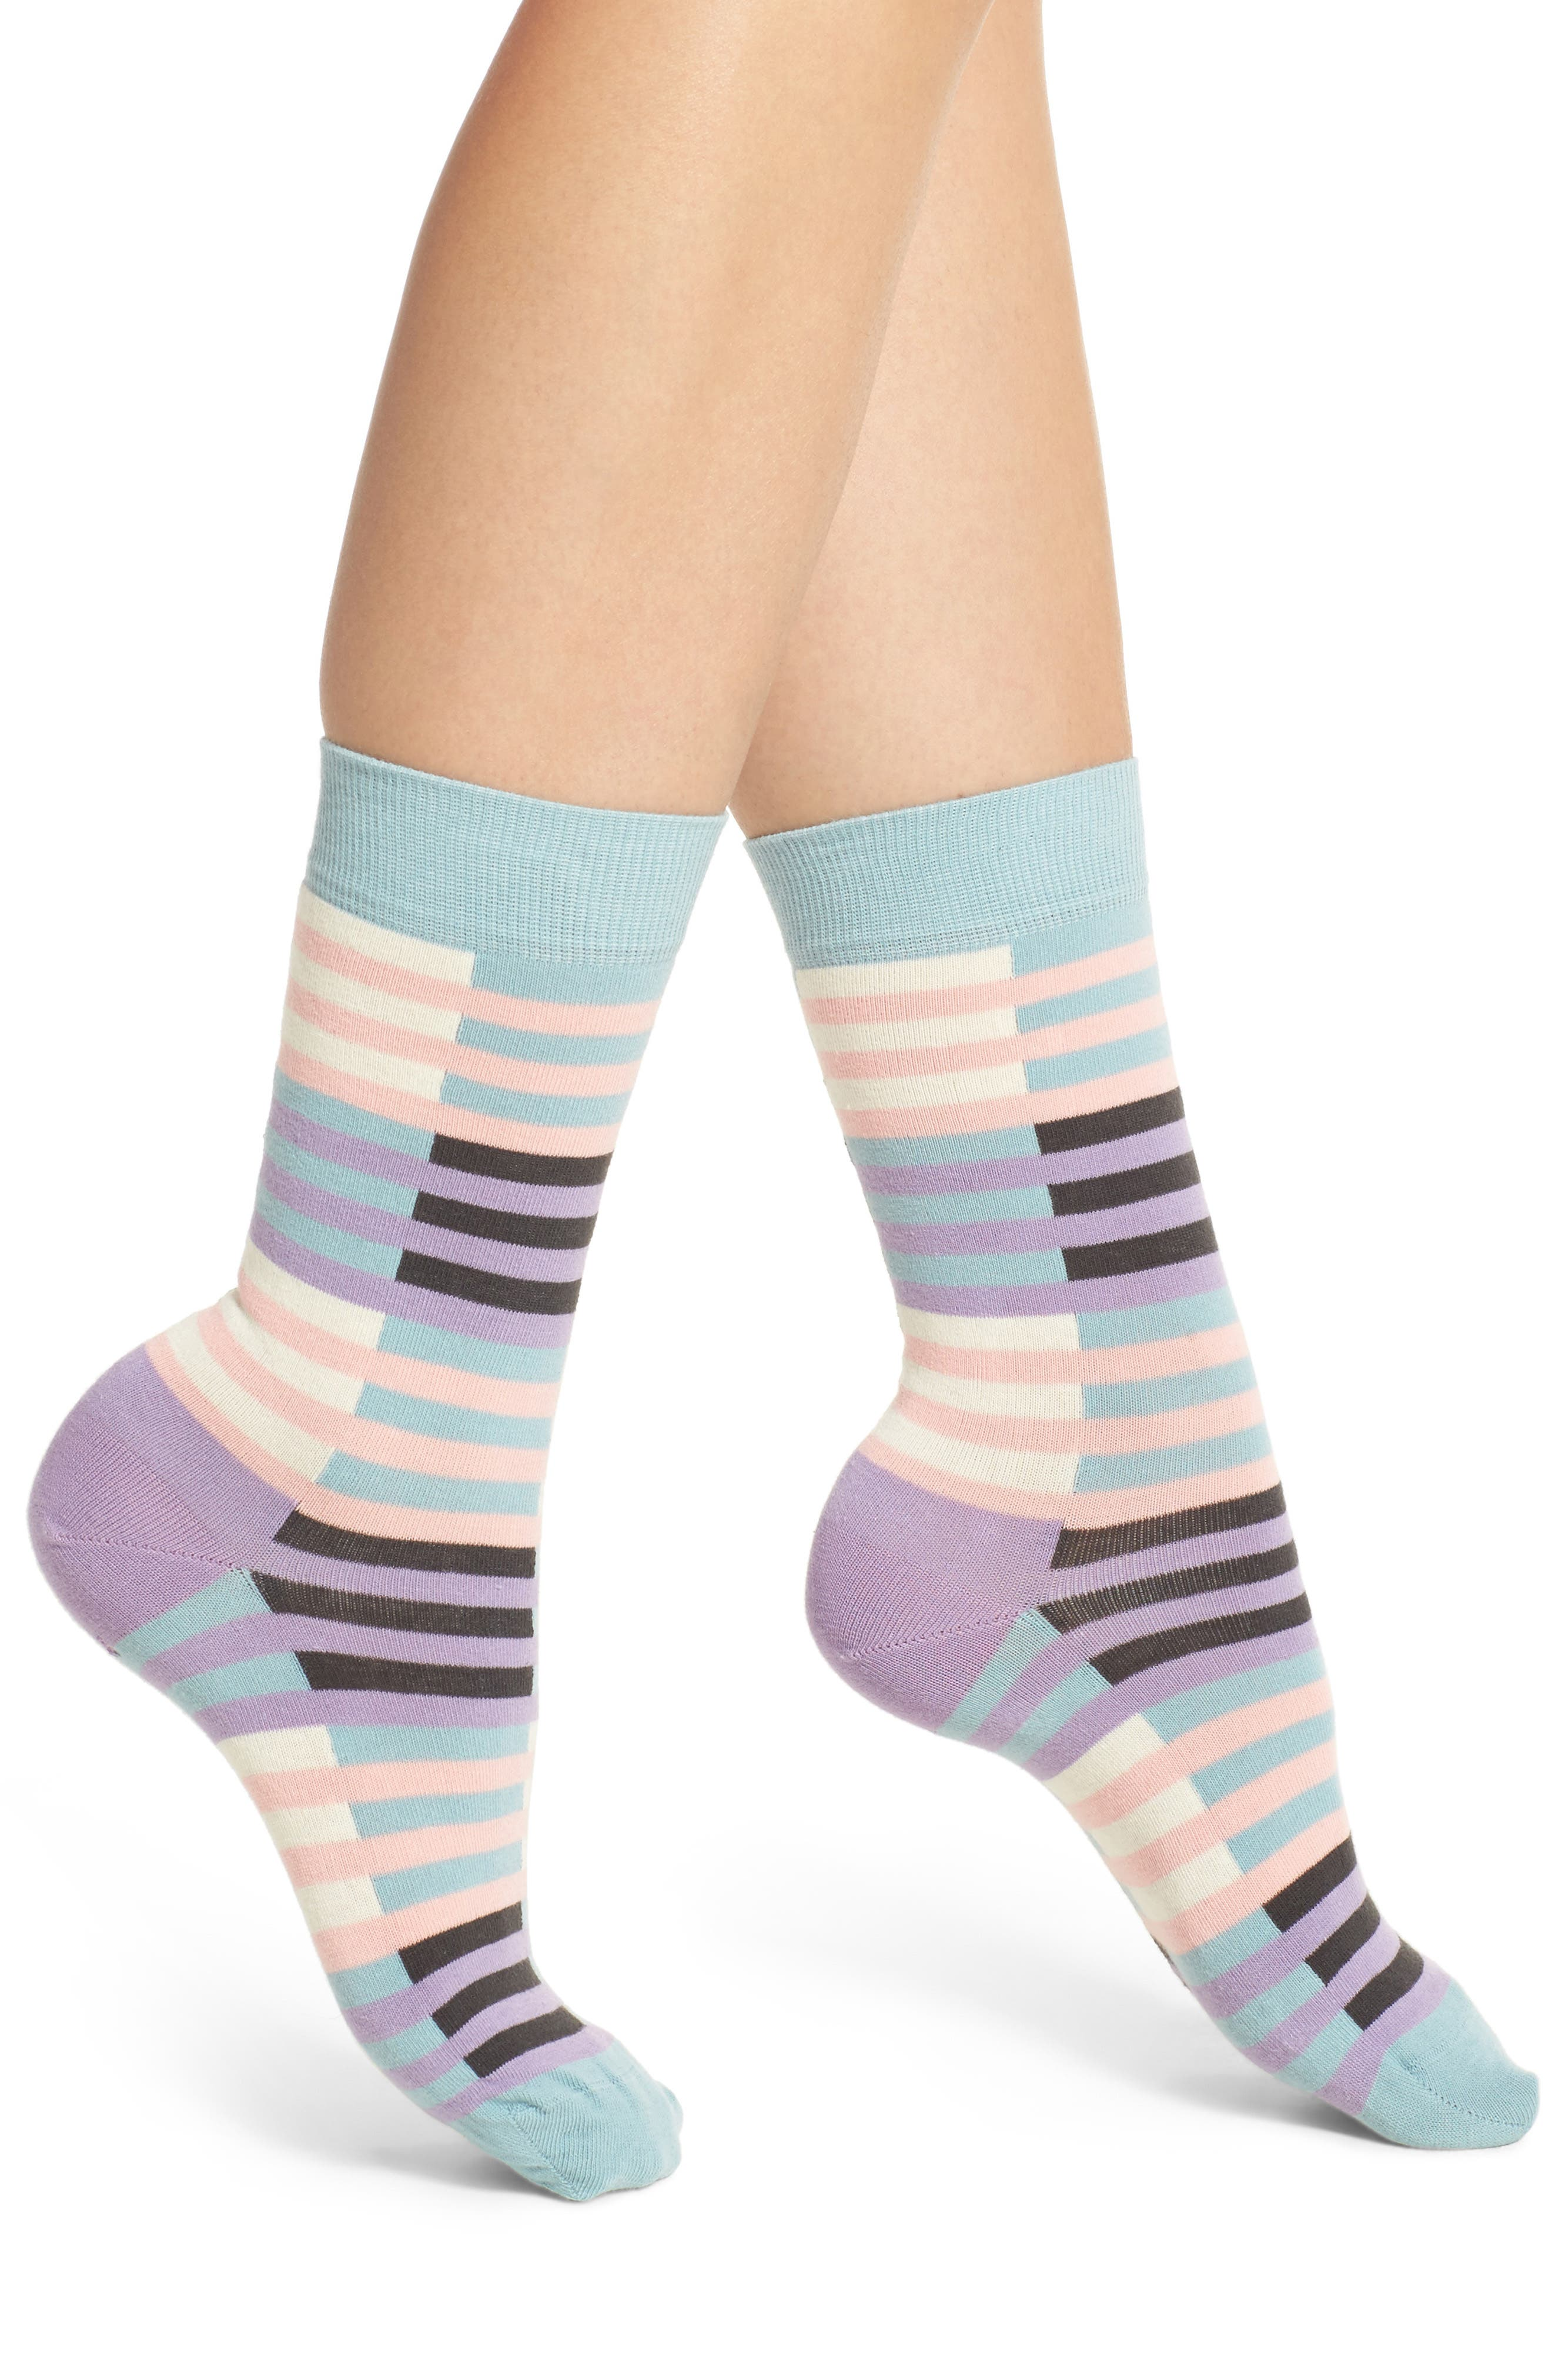 Happy Socks Checks & Stripes Crew Socks (3 for $24.00)